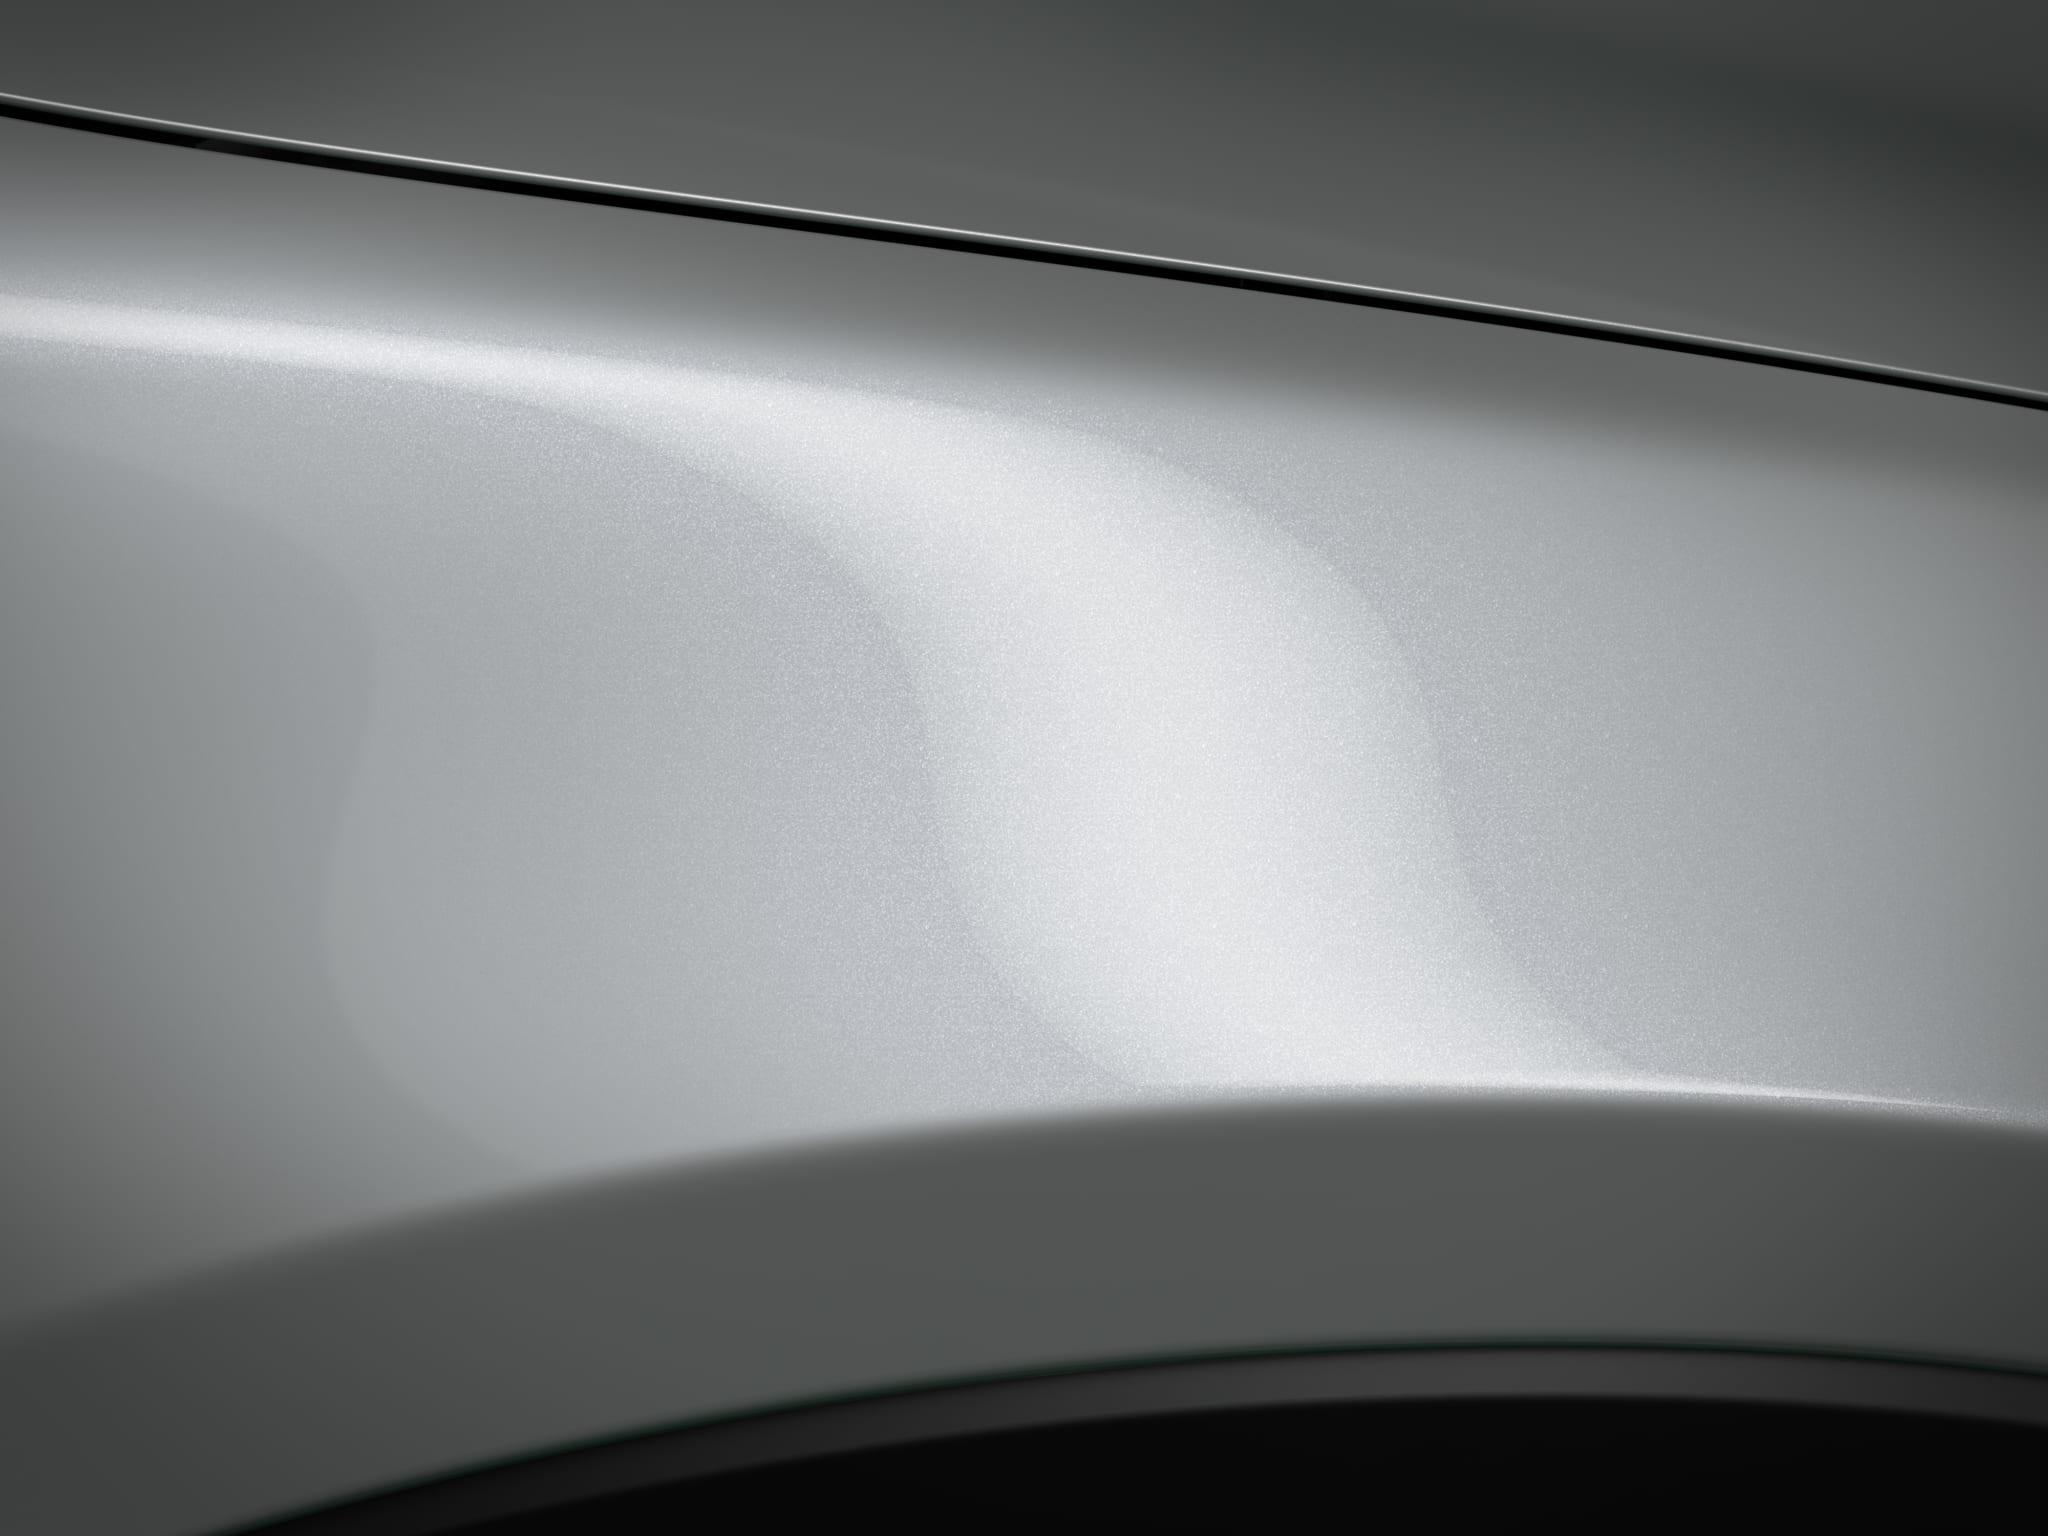 マツダ CX-30 ソニックシルバーメタリック カラー見本 2019